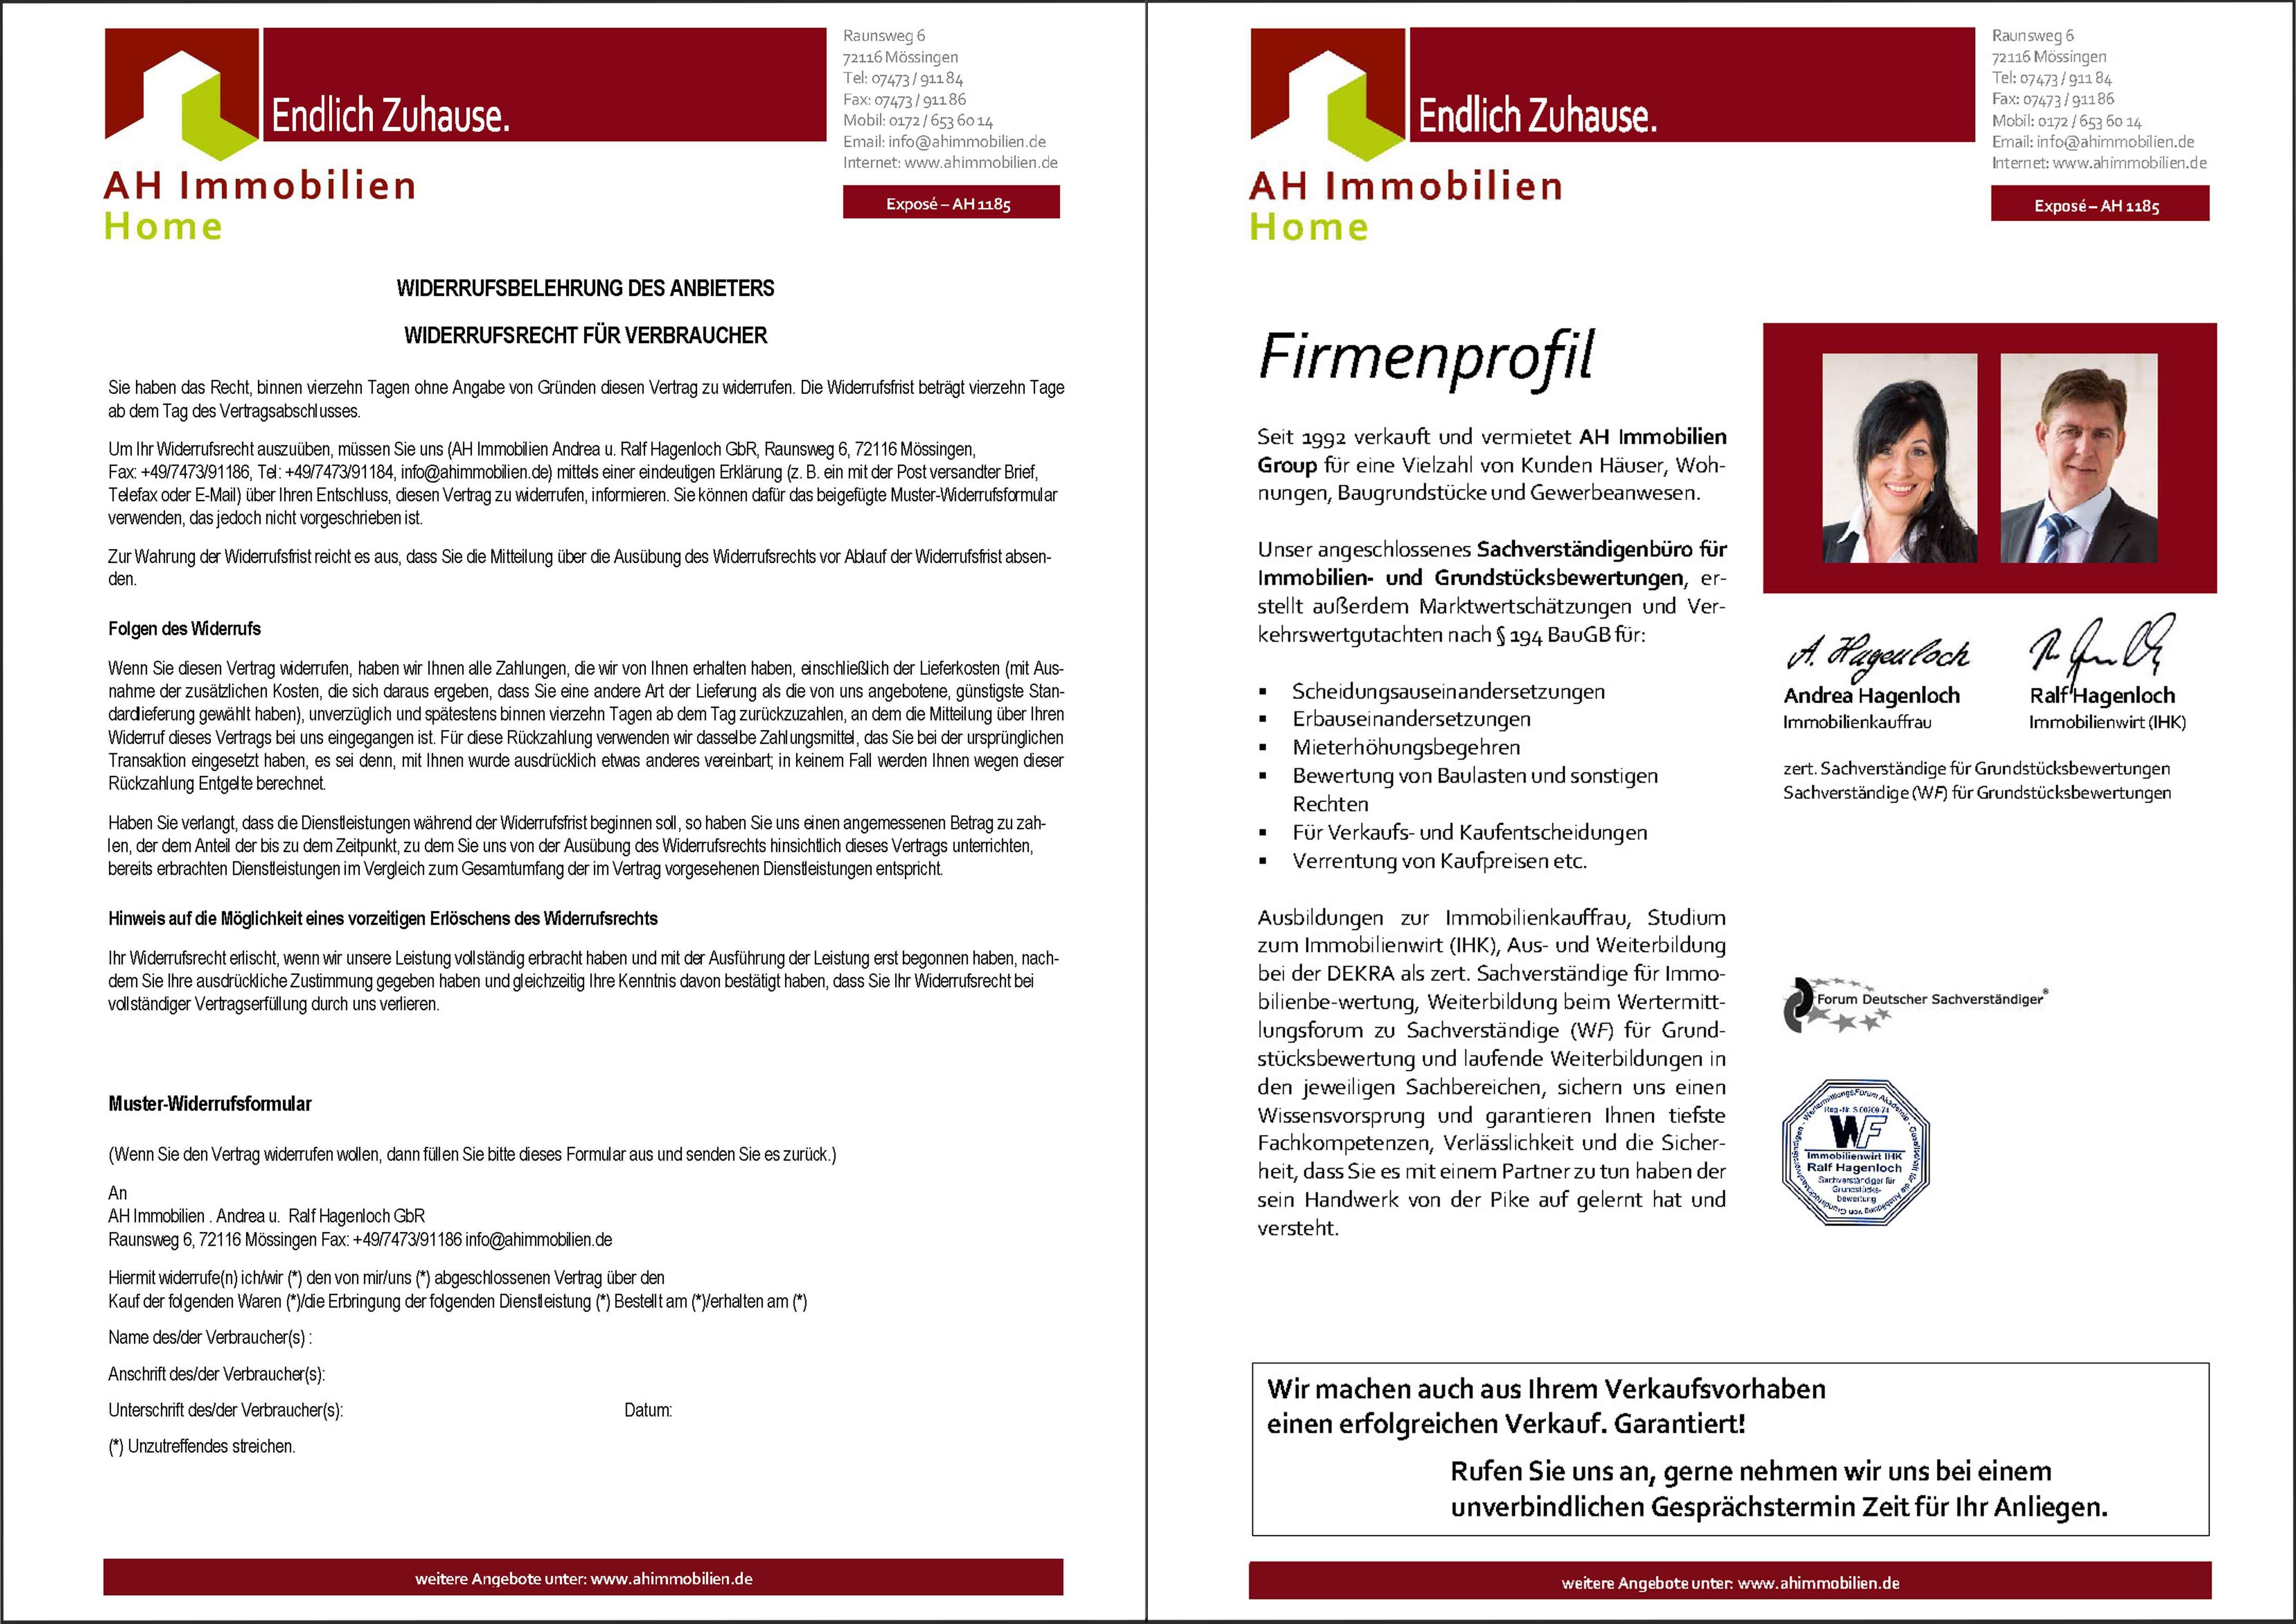 Englert Wohnbaubv Tuebingen Reutlinger Strasse Seite 22 23